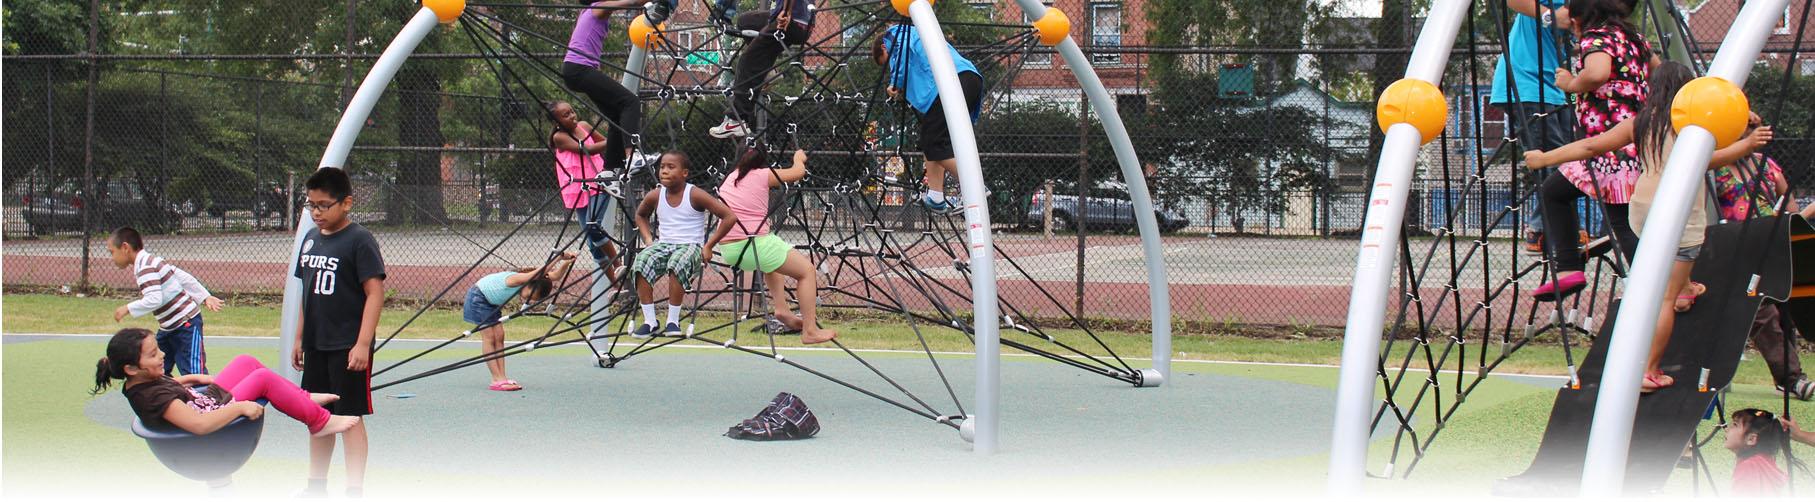 Cornell Square Playground